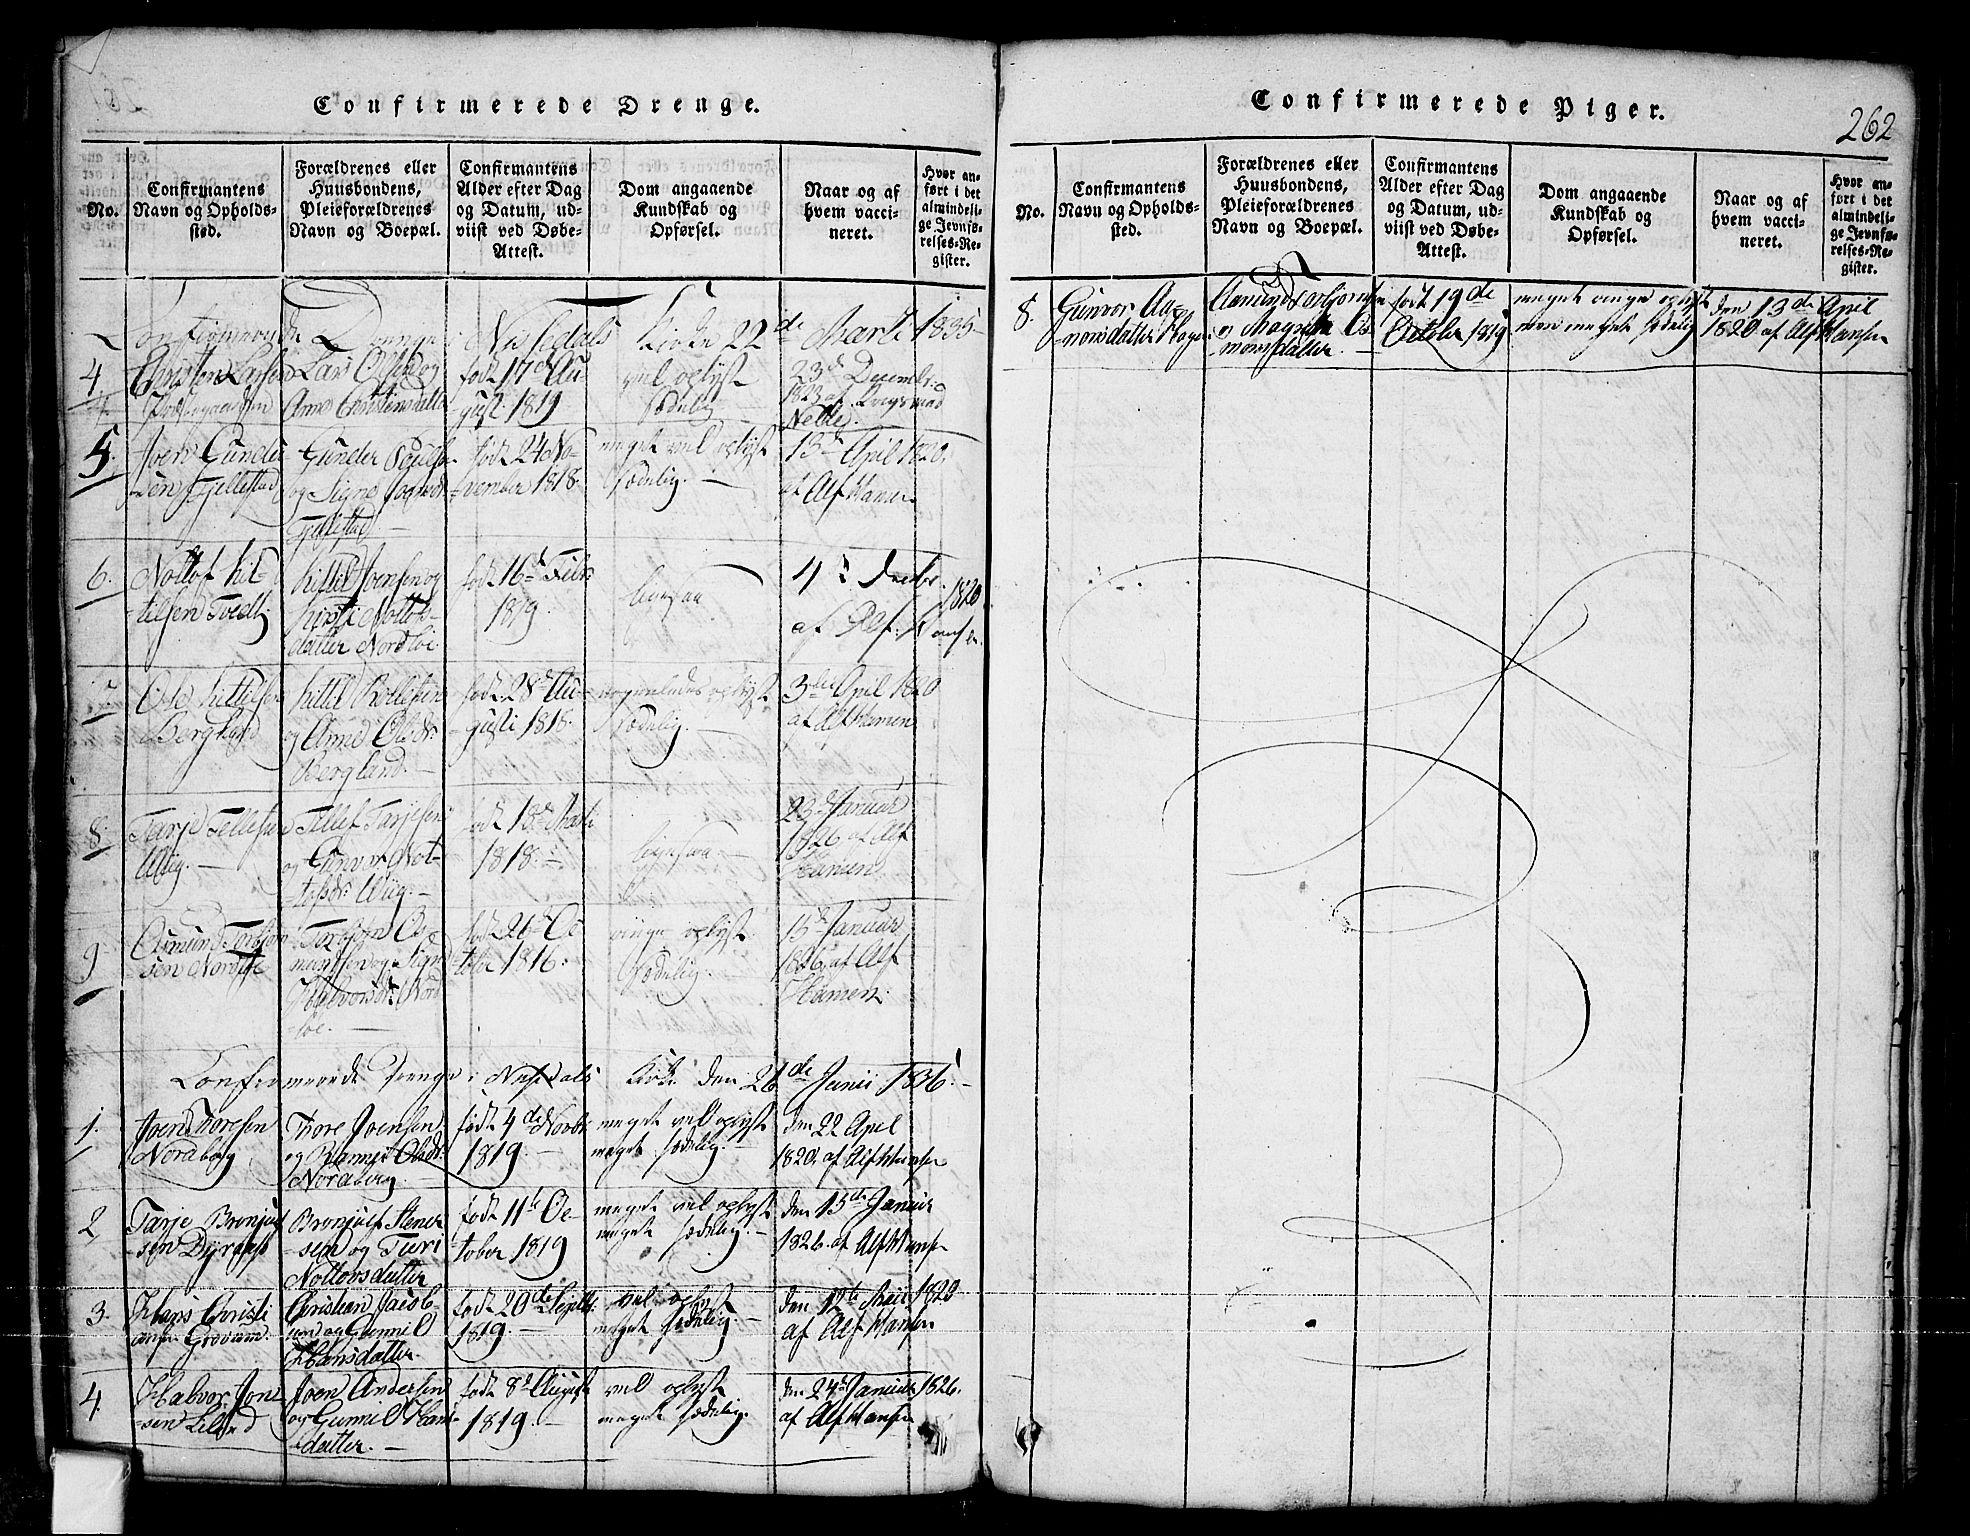 SAKO, Nissedal kirkebøker, G/Ga/L0001: Klokkerbok nr. I 1, 1814-1860, s. 262